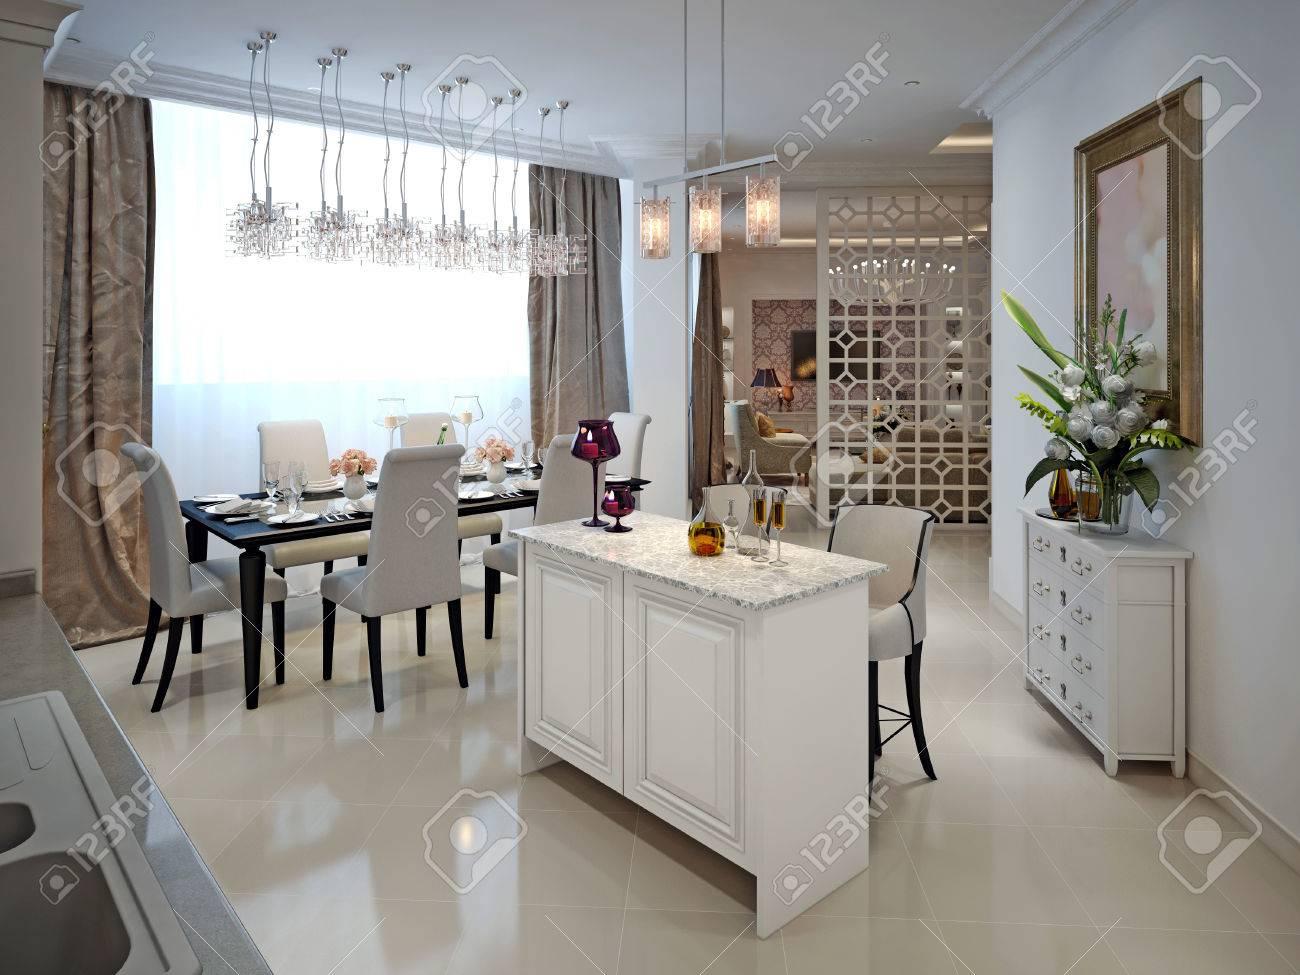 Küche Mit Insel Und Esstisch Im Arabischen Stil. 3D übertragen.  Standard Bild